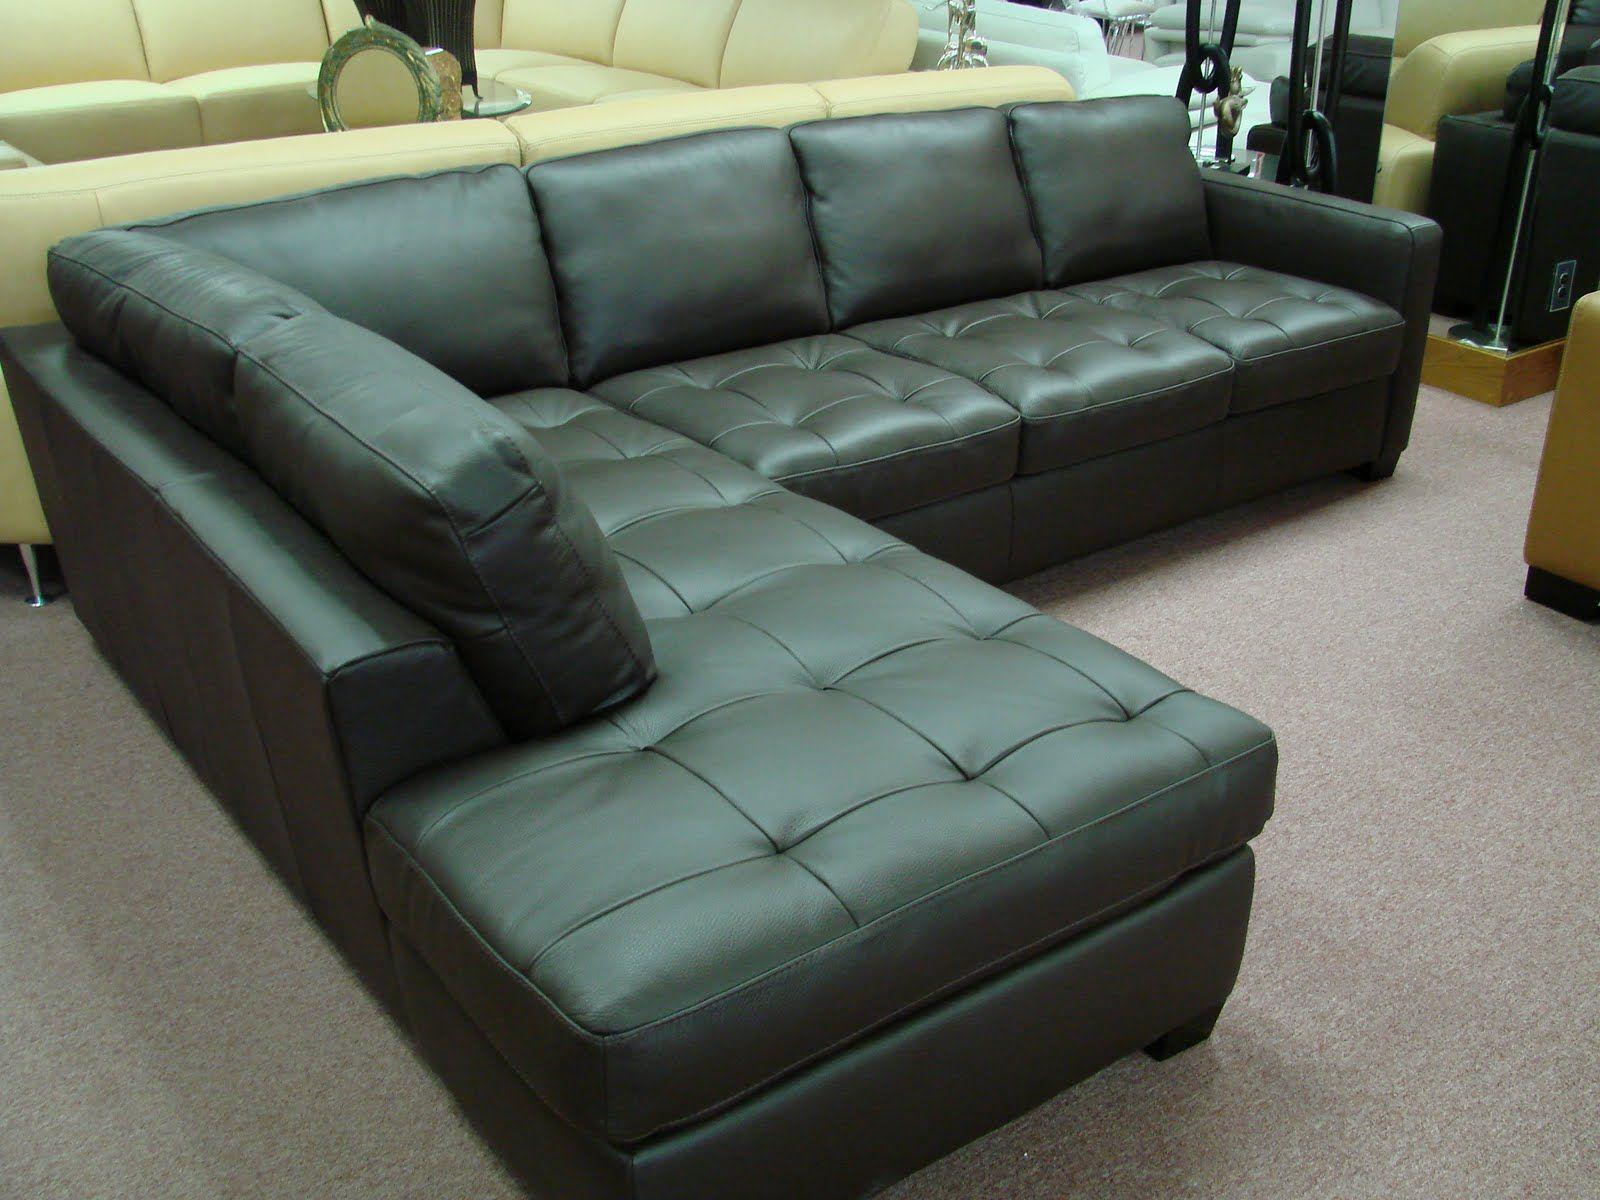 Natuzzi Sectional  In Natuzzi: Italsofa By Natuzzi I276 Black Leather  Sectional